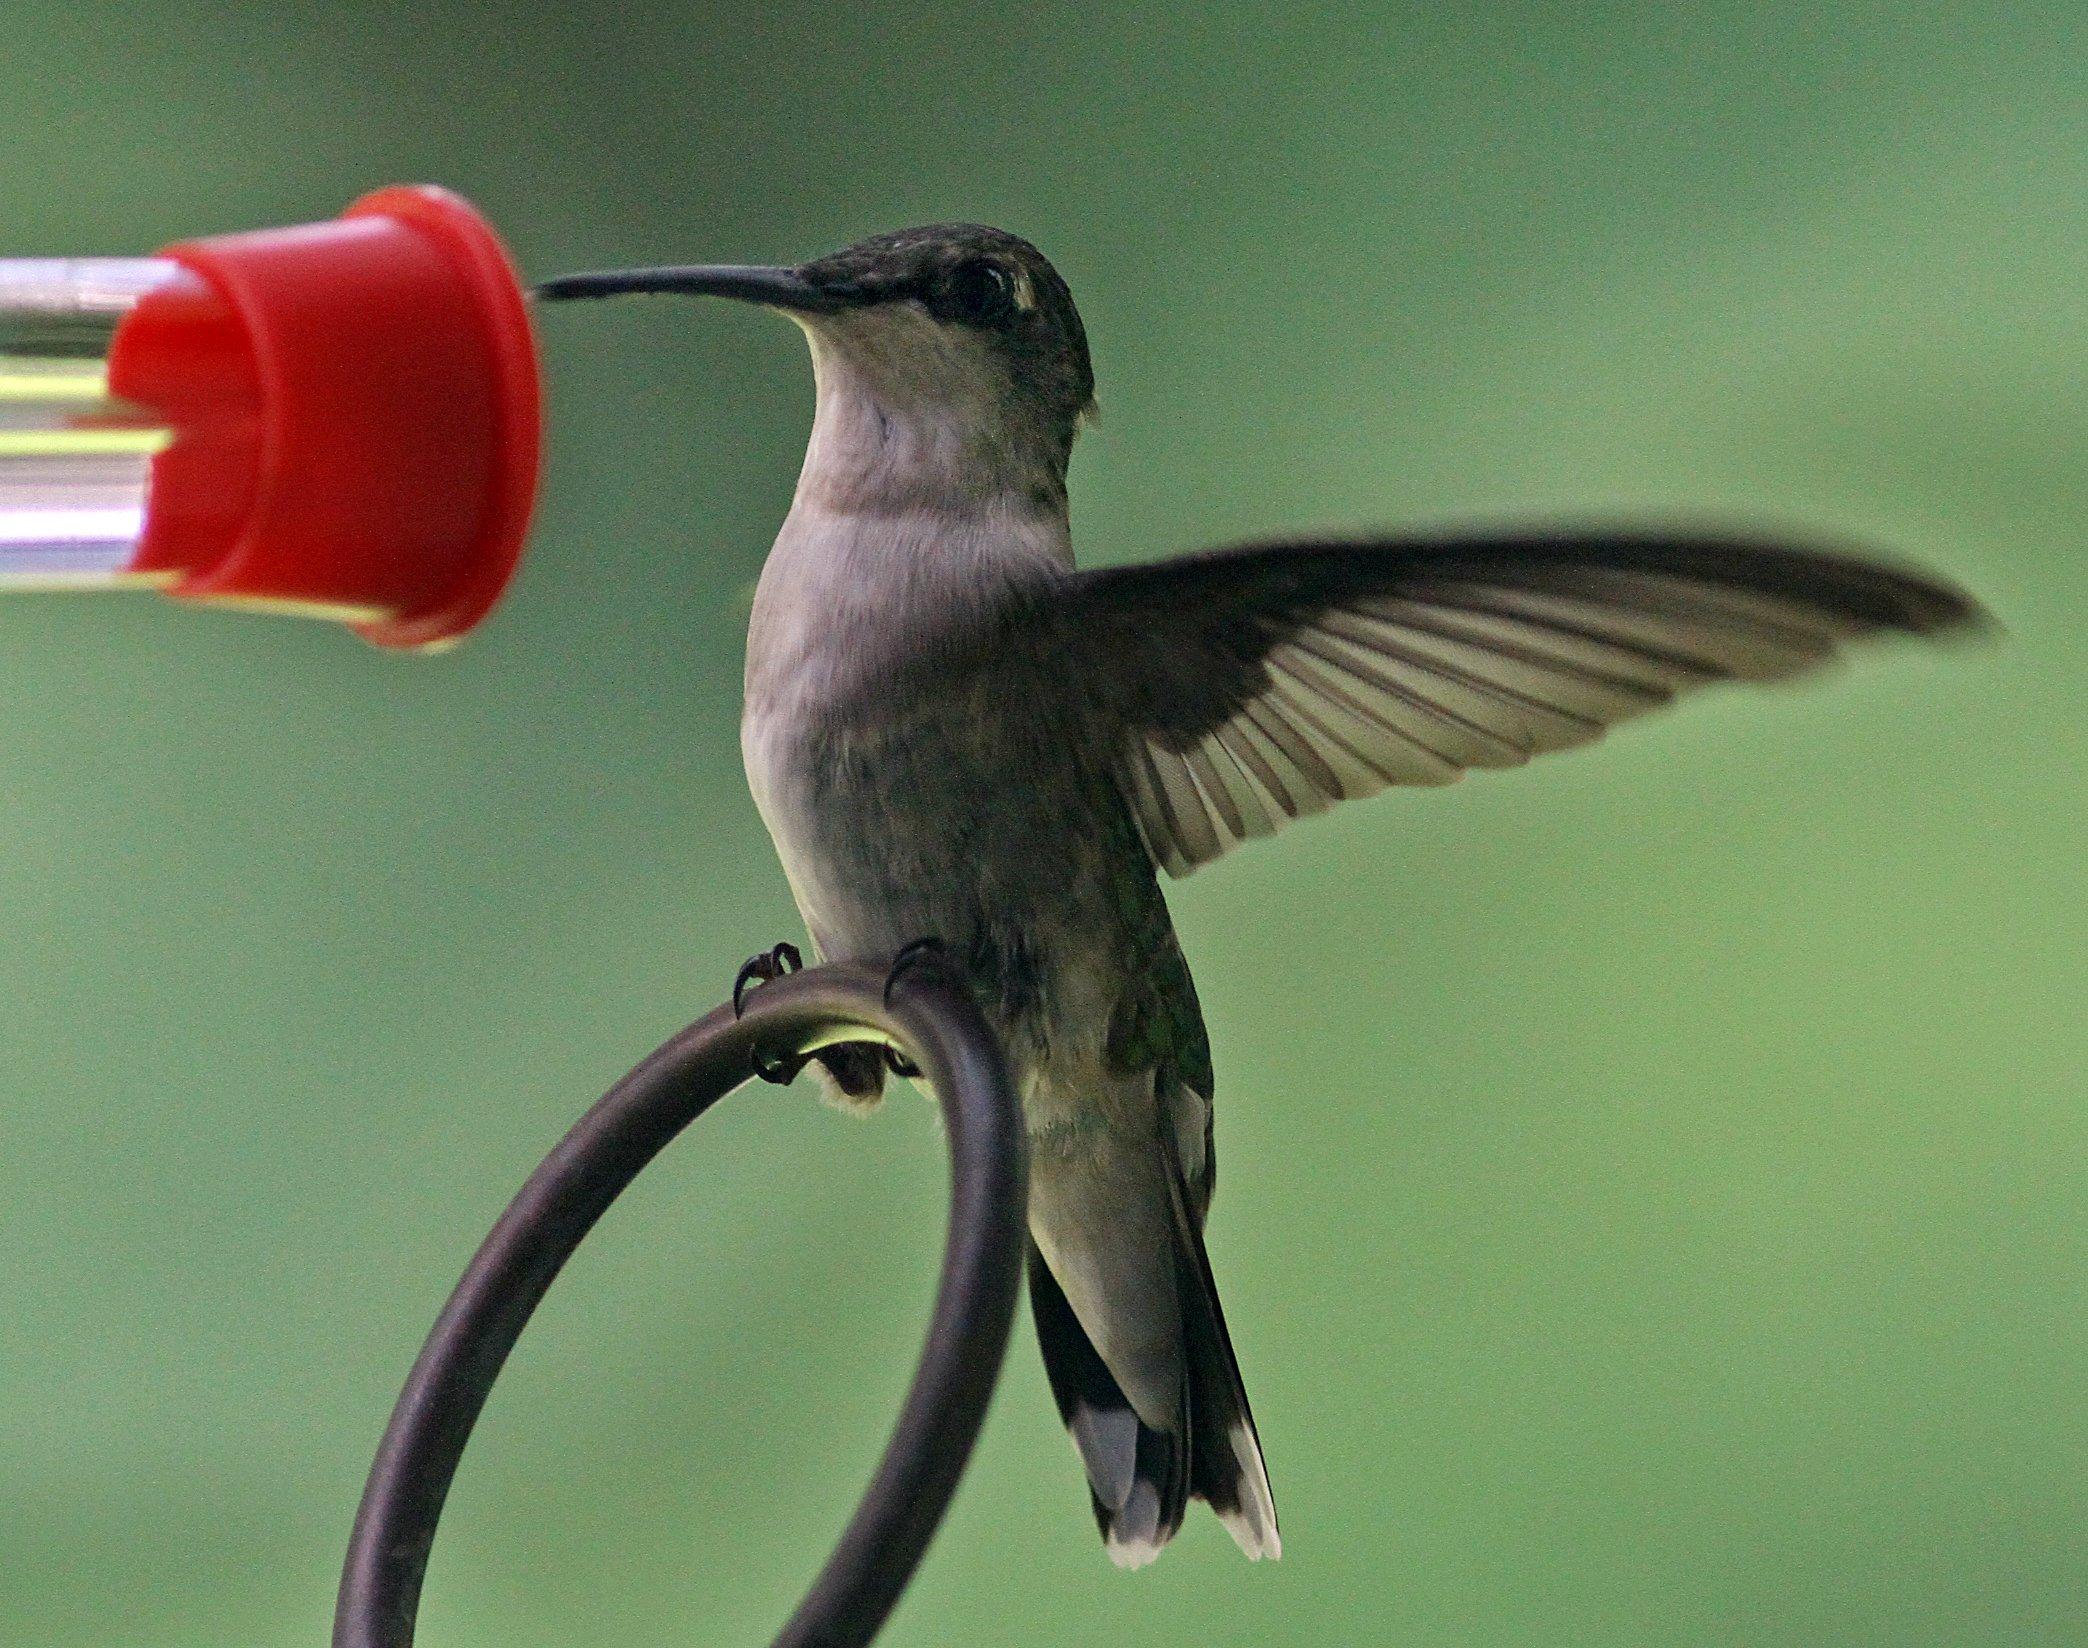 Mientras Colombia crece más seguro, los turistas - especialmente los amantes de los pájaros - Flock Back: Parallels: NPR